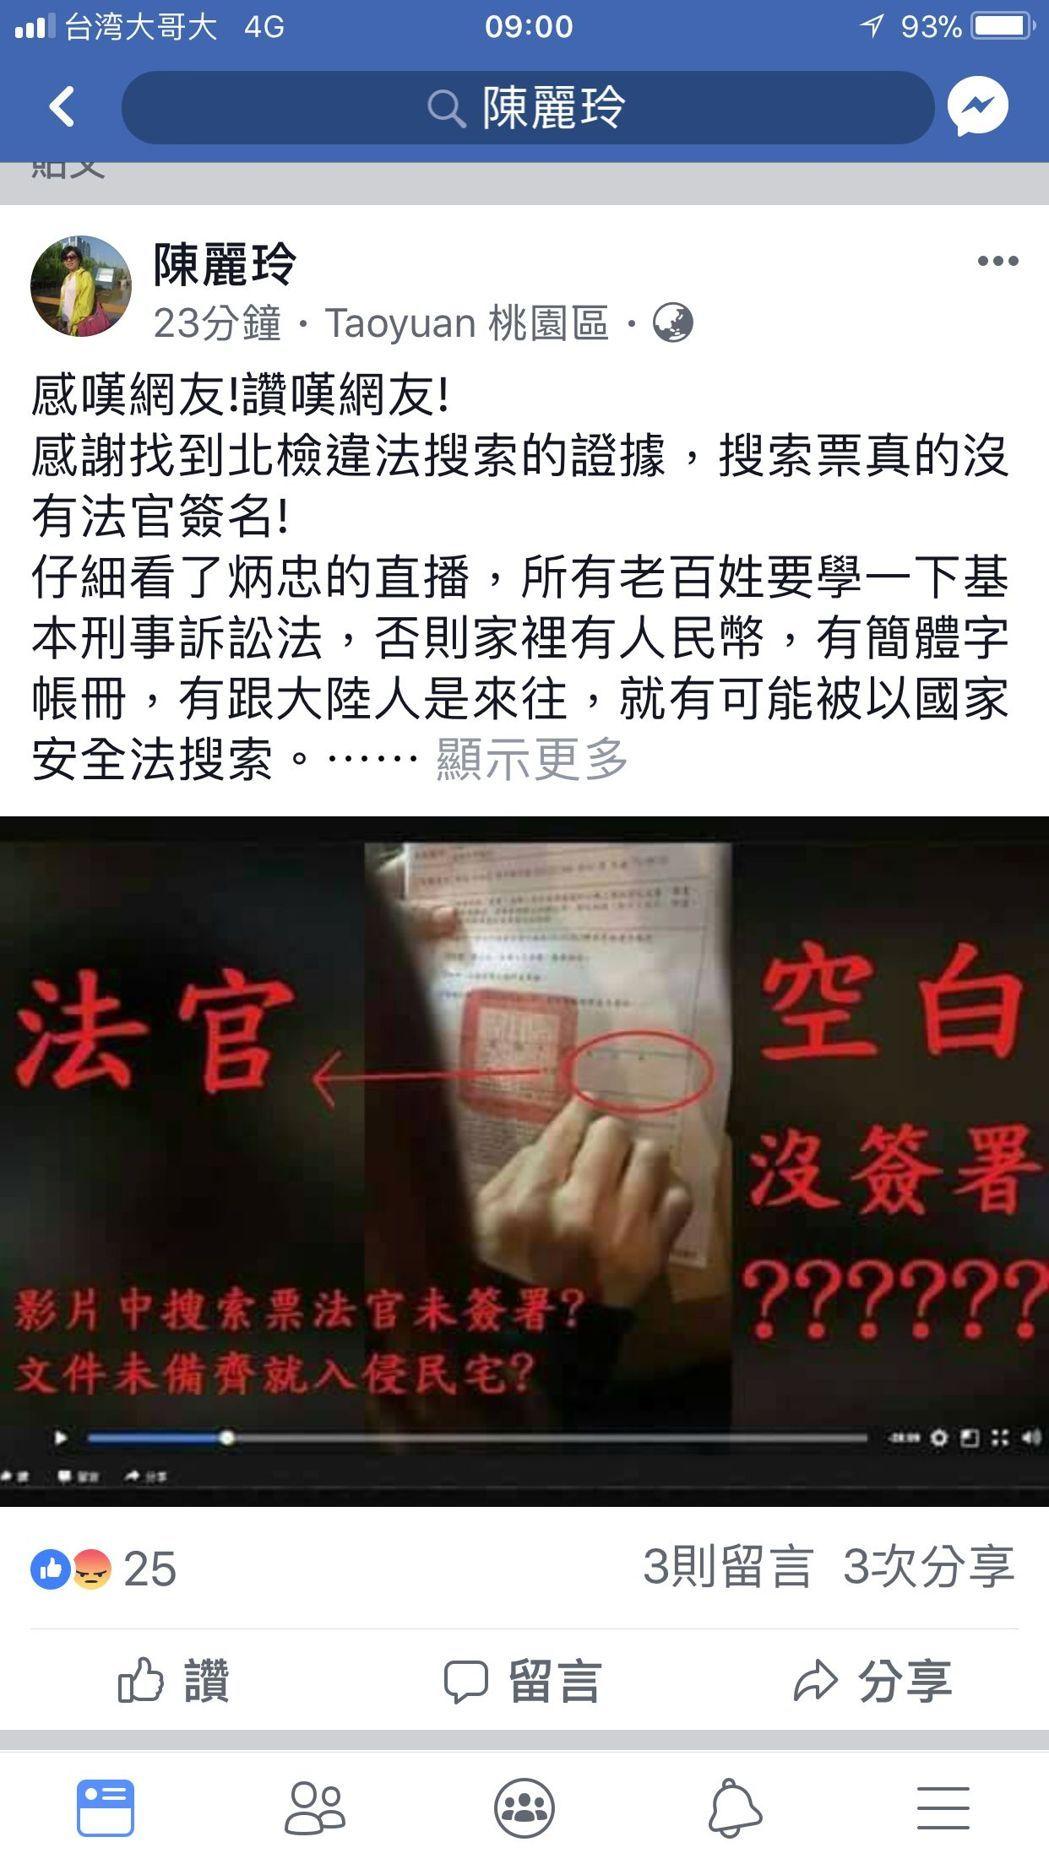 """搜查王炳忠住家的搜索票上缺失法官签名(图片来源:""""中时电子报"""")"""